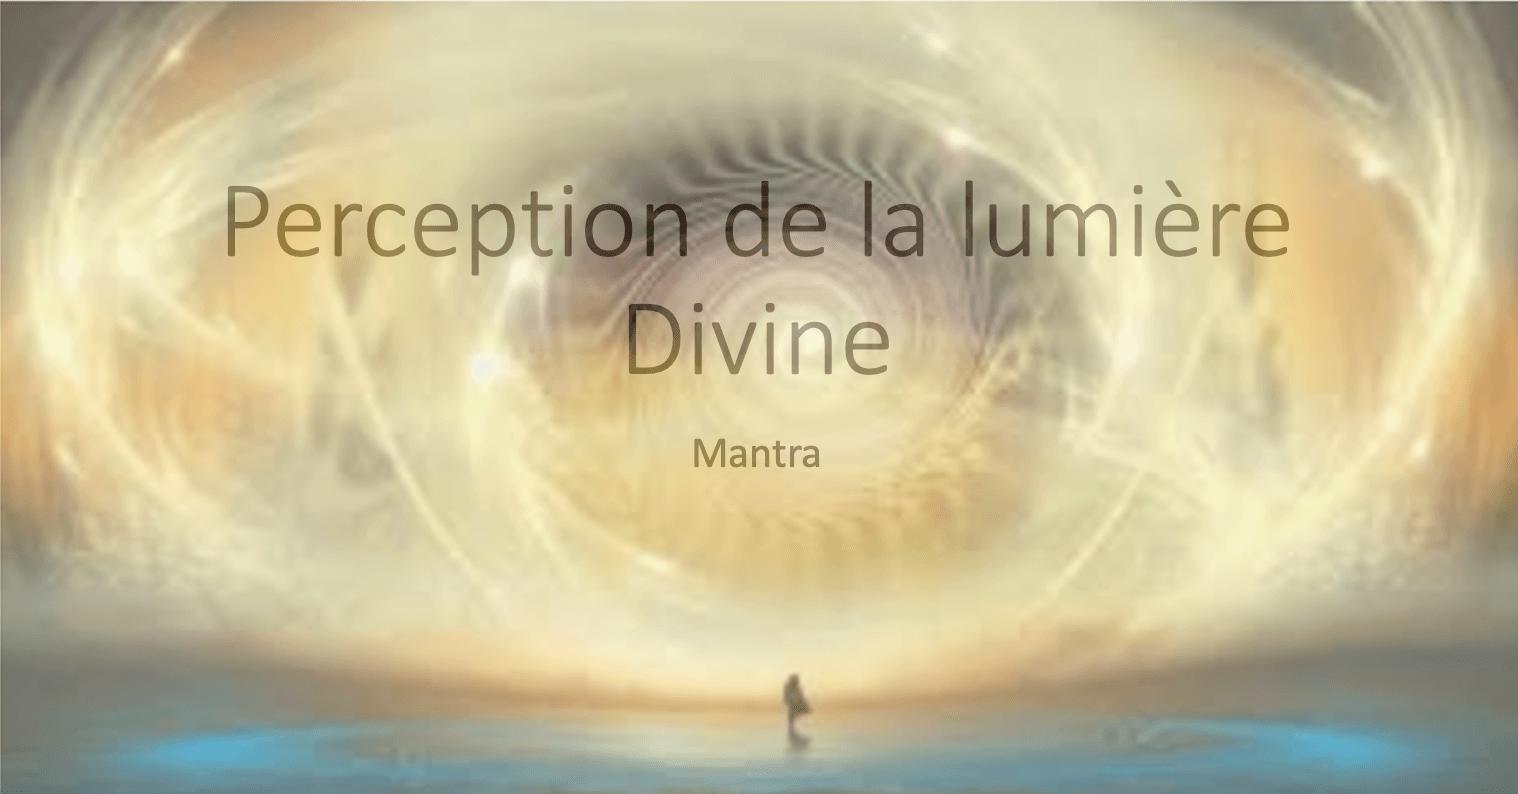 Apprendre à recevoir, ressentir et transmettre la lumière divine à distance.